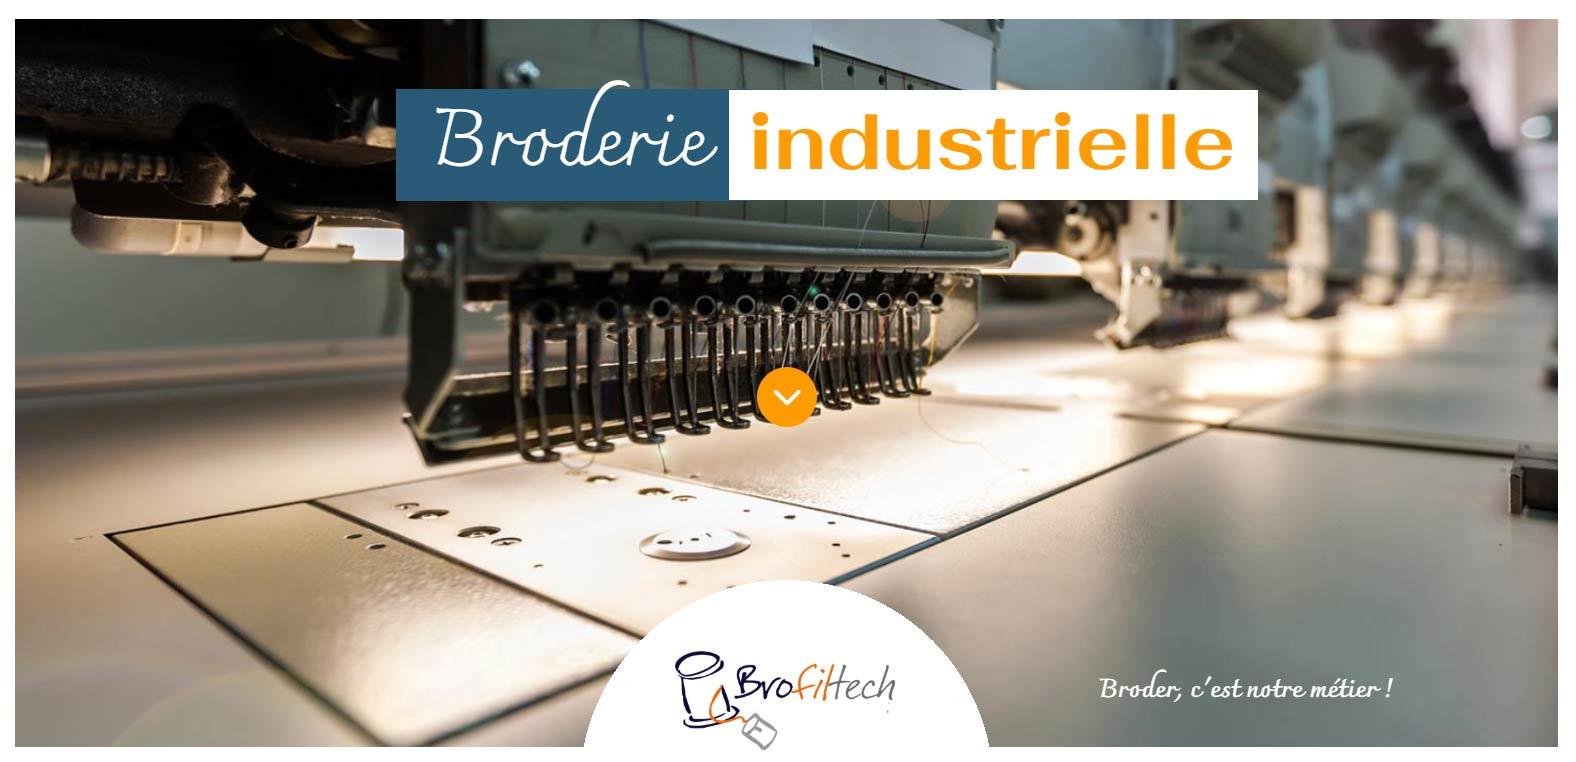 brofiltech